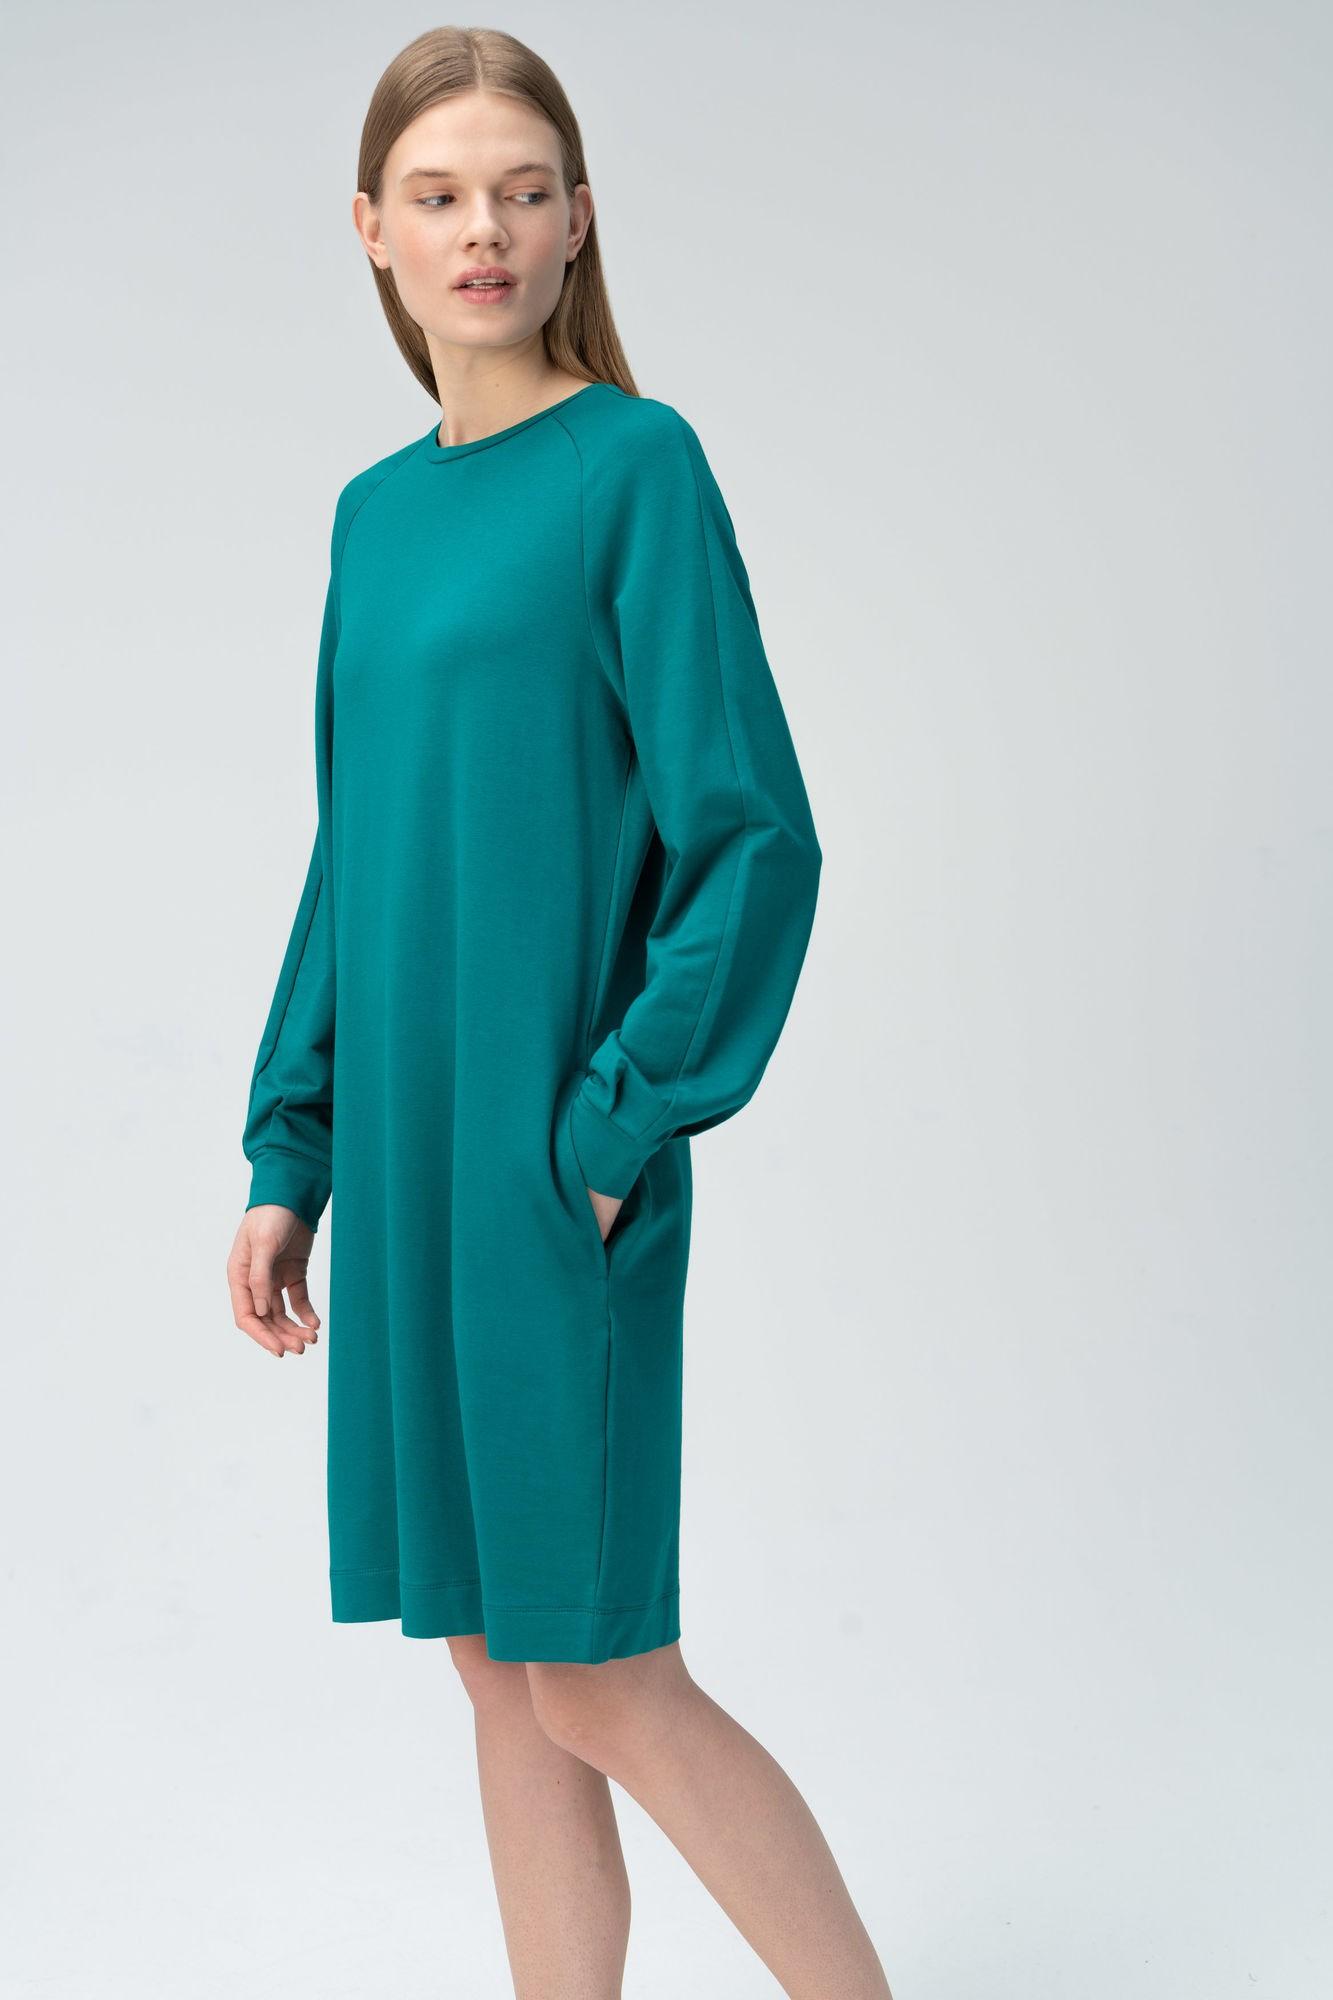 AUDIMAS Švelnaus modalo suknelė ilg.rank. 2011-070 Everglade XS